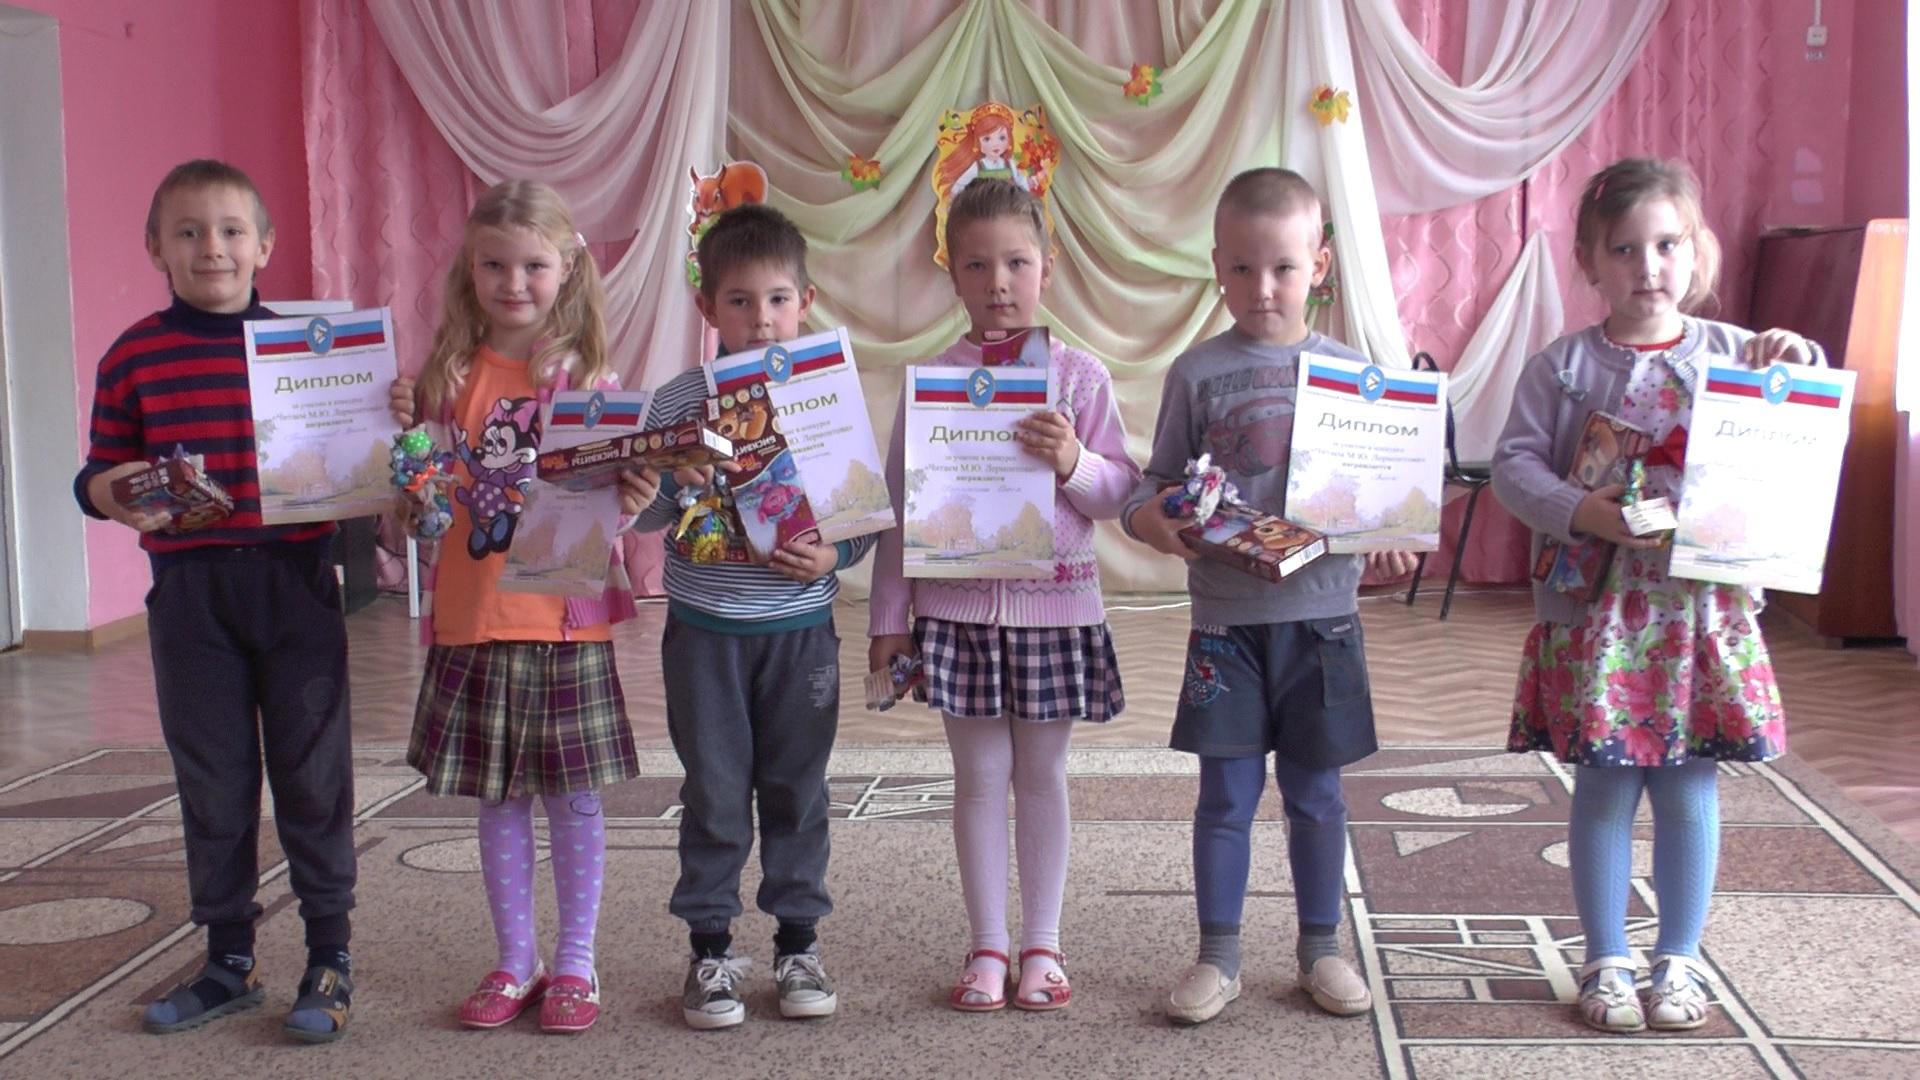 25 октября стихи Михаила Юрьевича читали самые маленькие почитатели его таланта, воспитанники Лермонтовского детского сада.